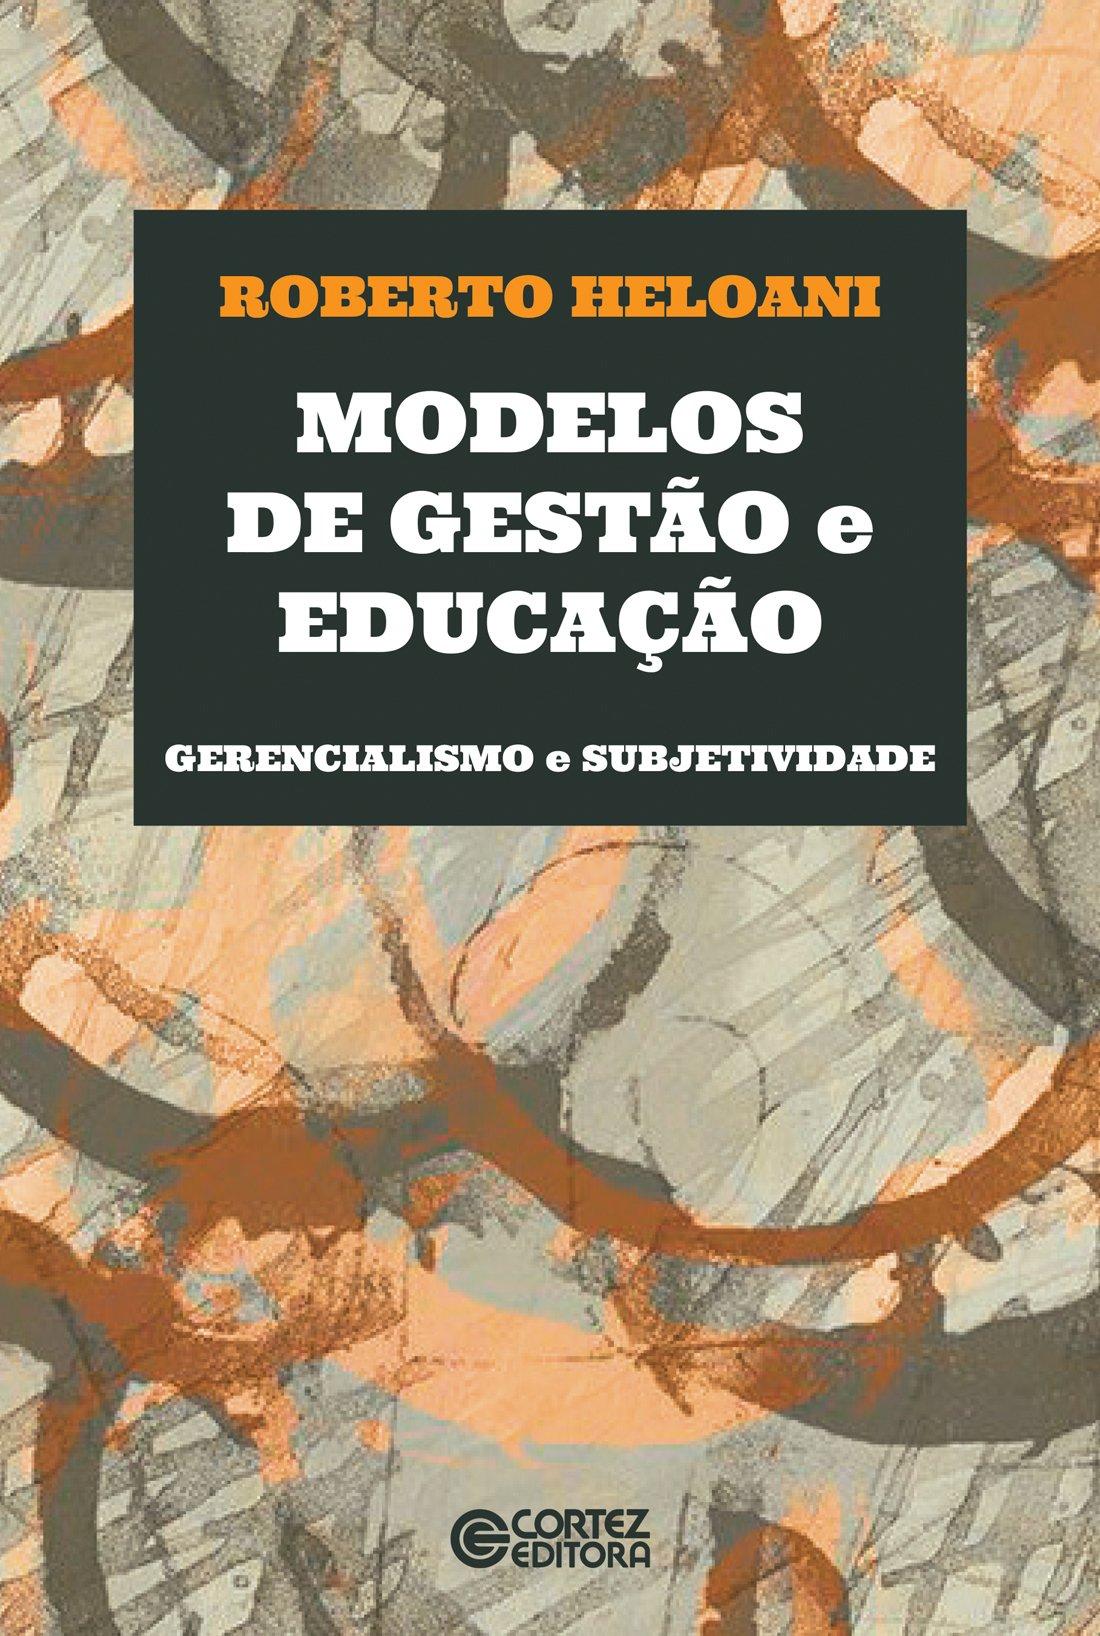 Modelos de gestão e educação - Gerencialismo e subjetividade, livro de Roberto Heloani